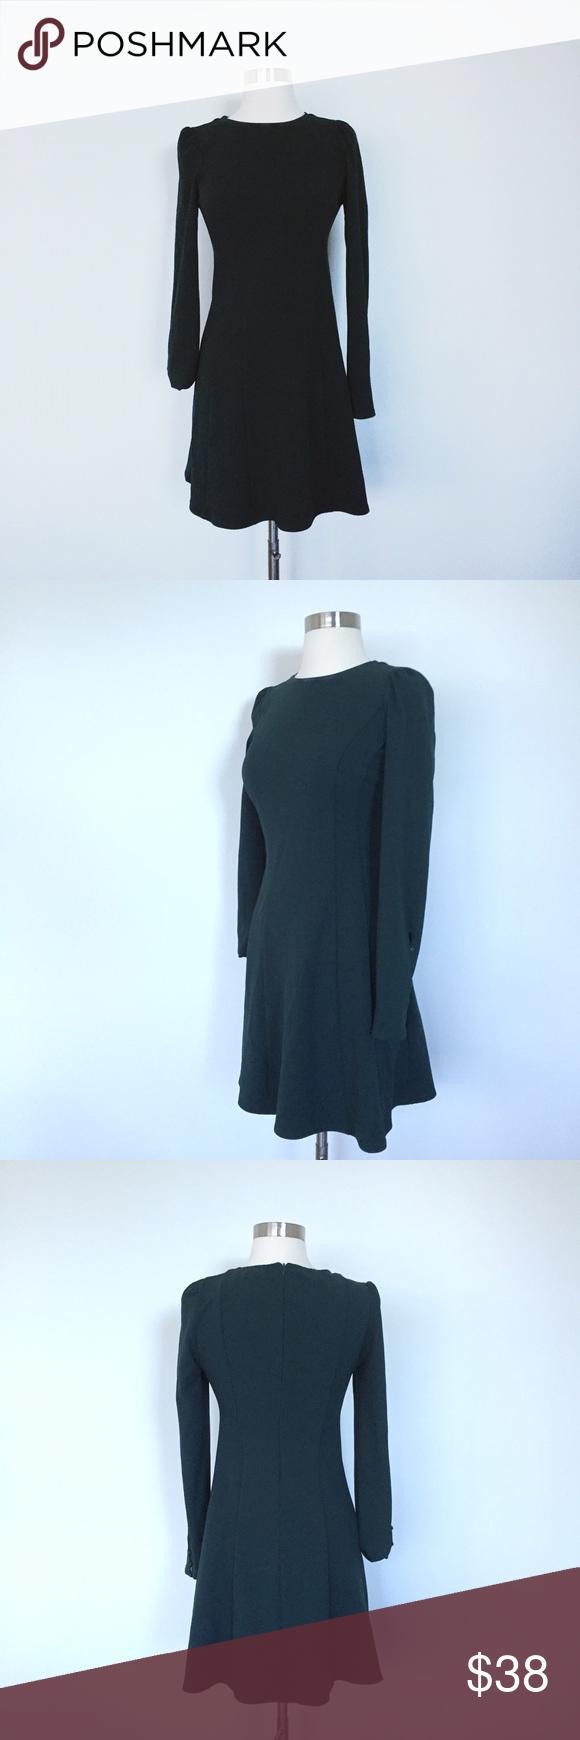 840e2bb1 Zara: Dark green long sleeve dress Beautifully constructed dark green dress.  Button detail on sleeve. Boat neck. Zara Dresses Long Sleeve